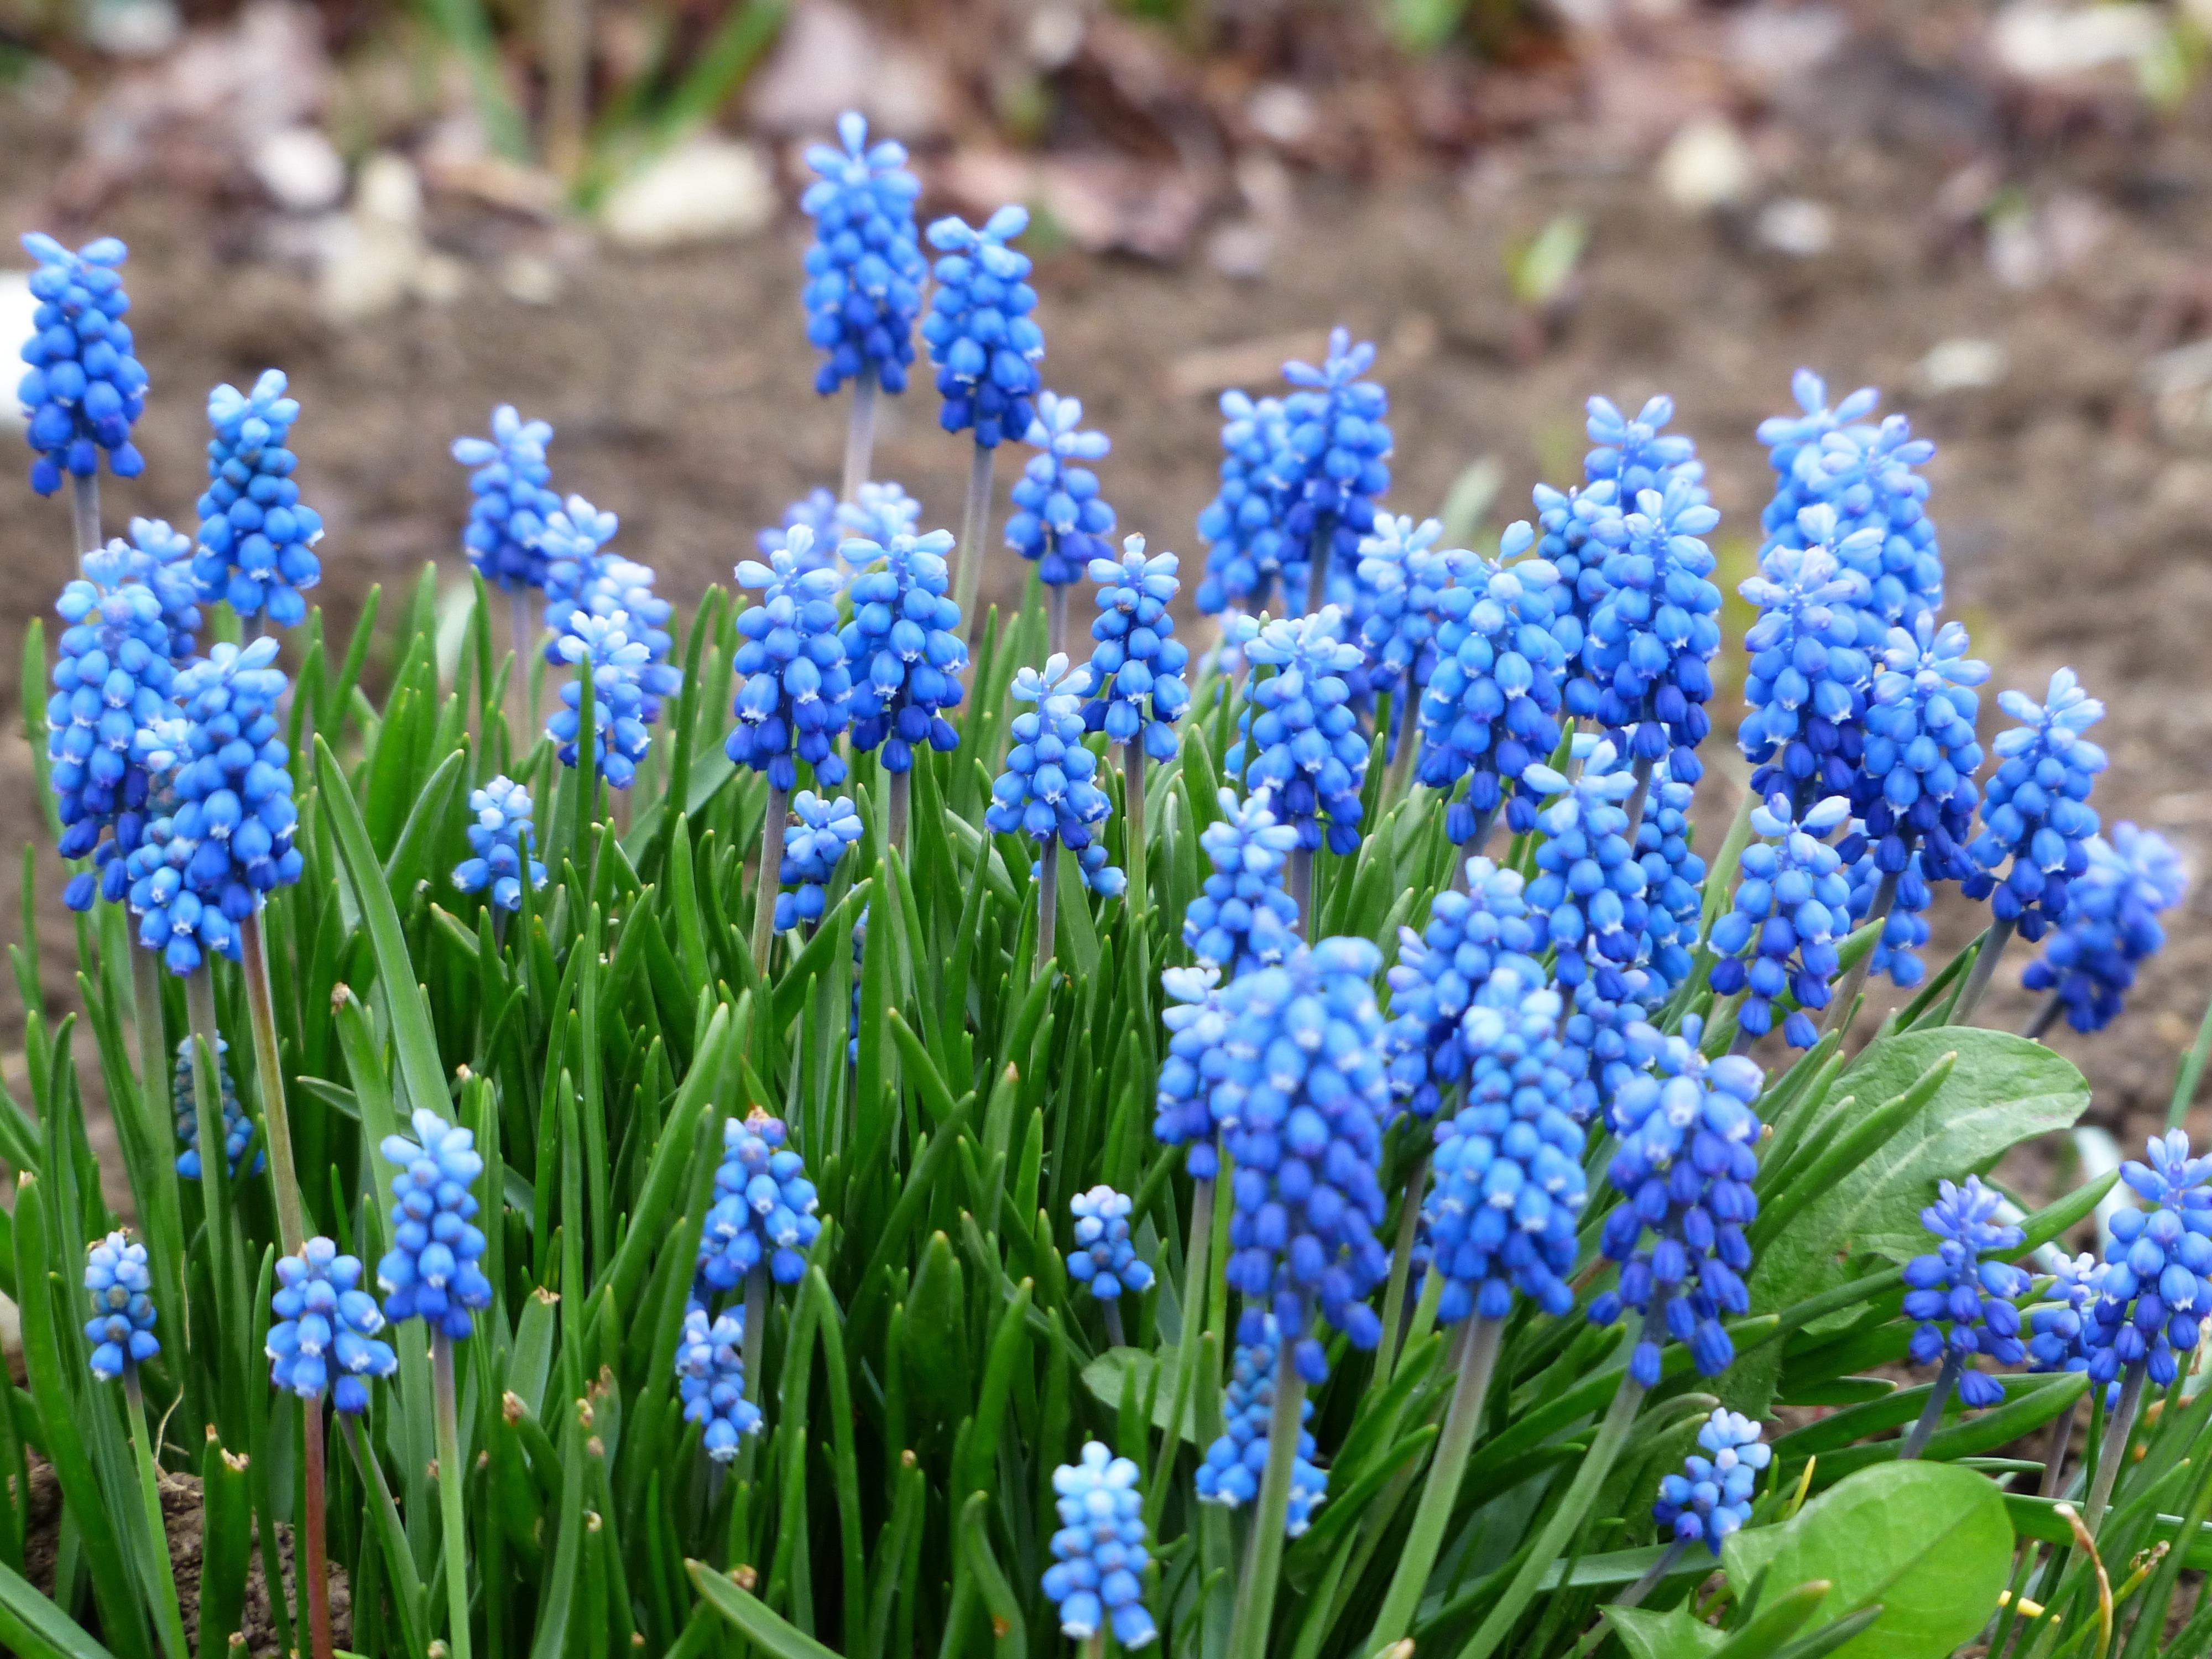 если научится ранние весенние садовые цветы фото строят уровне пола